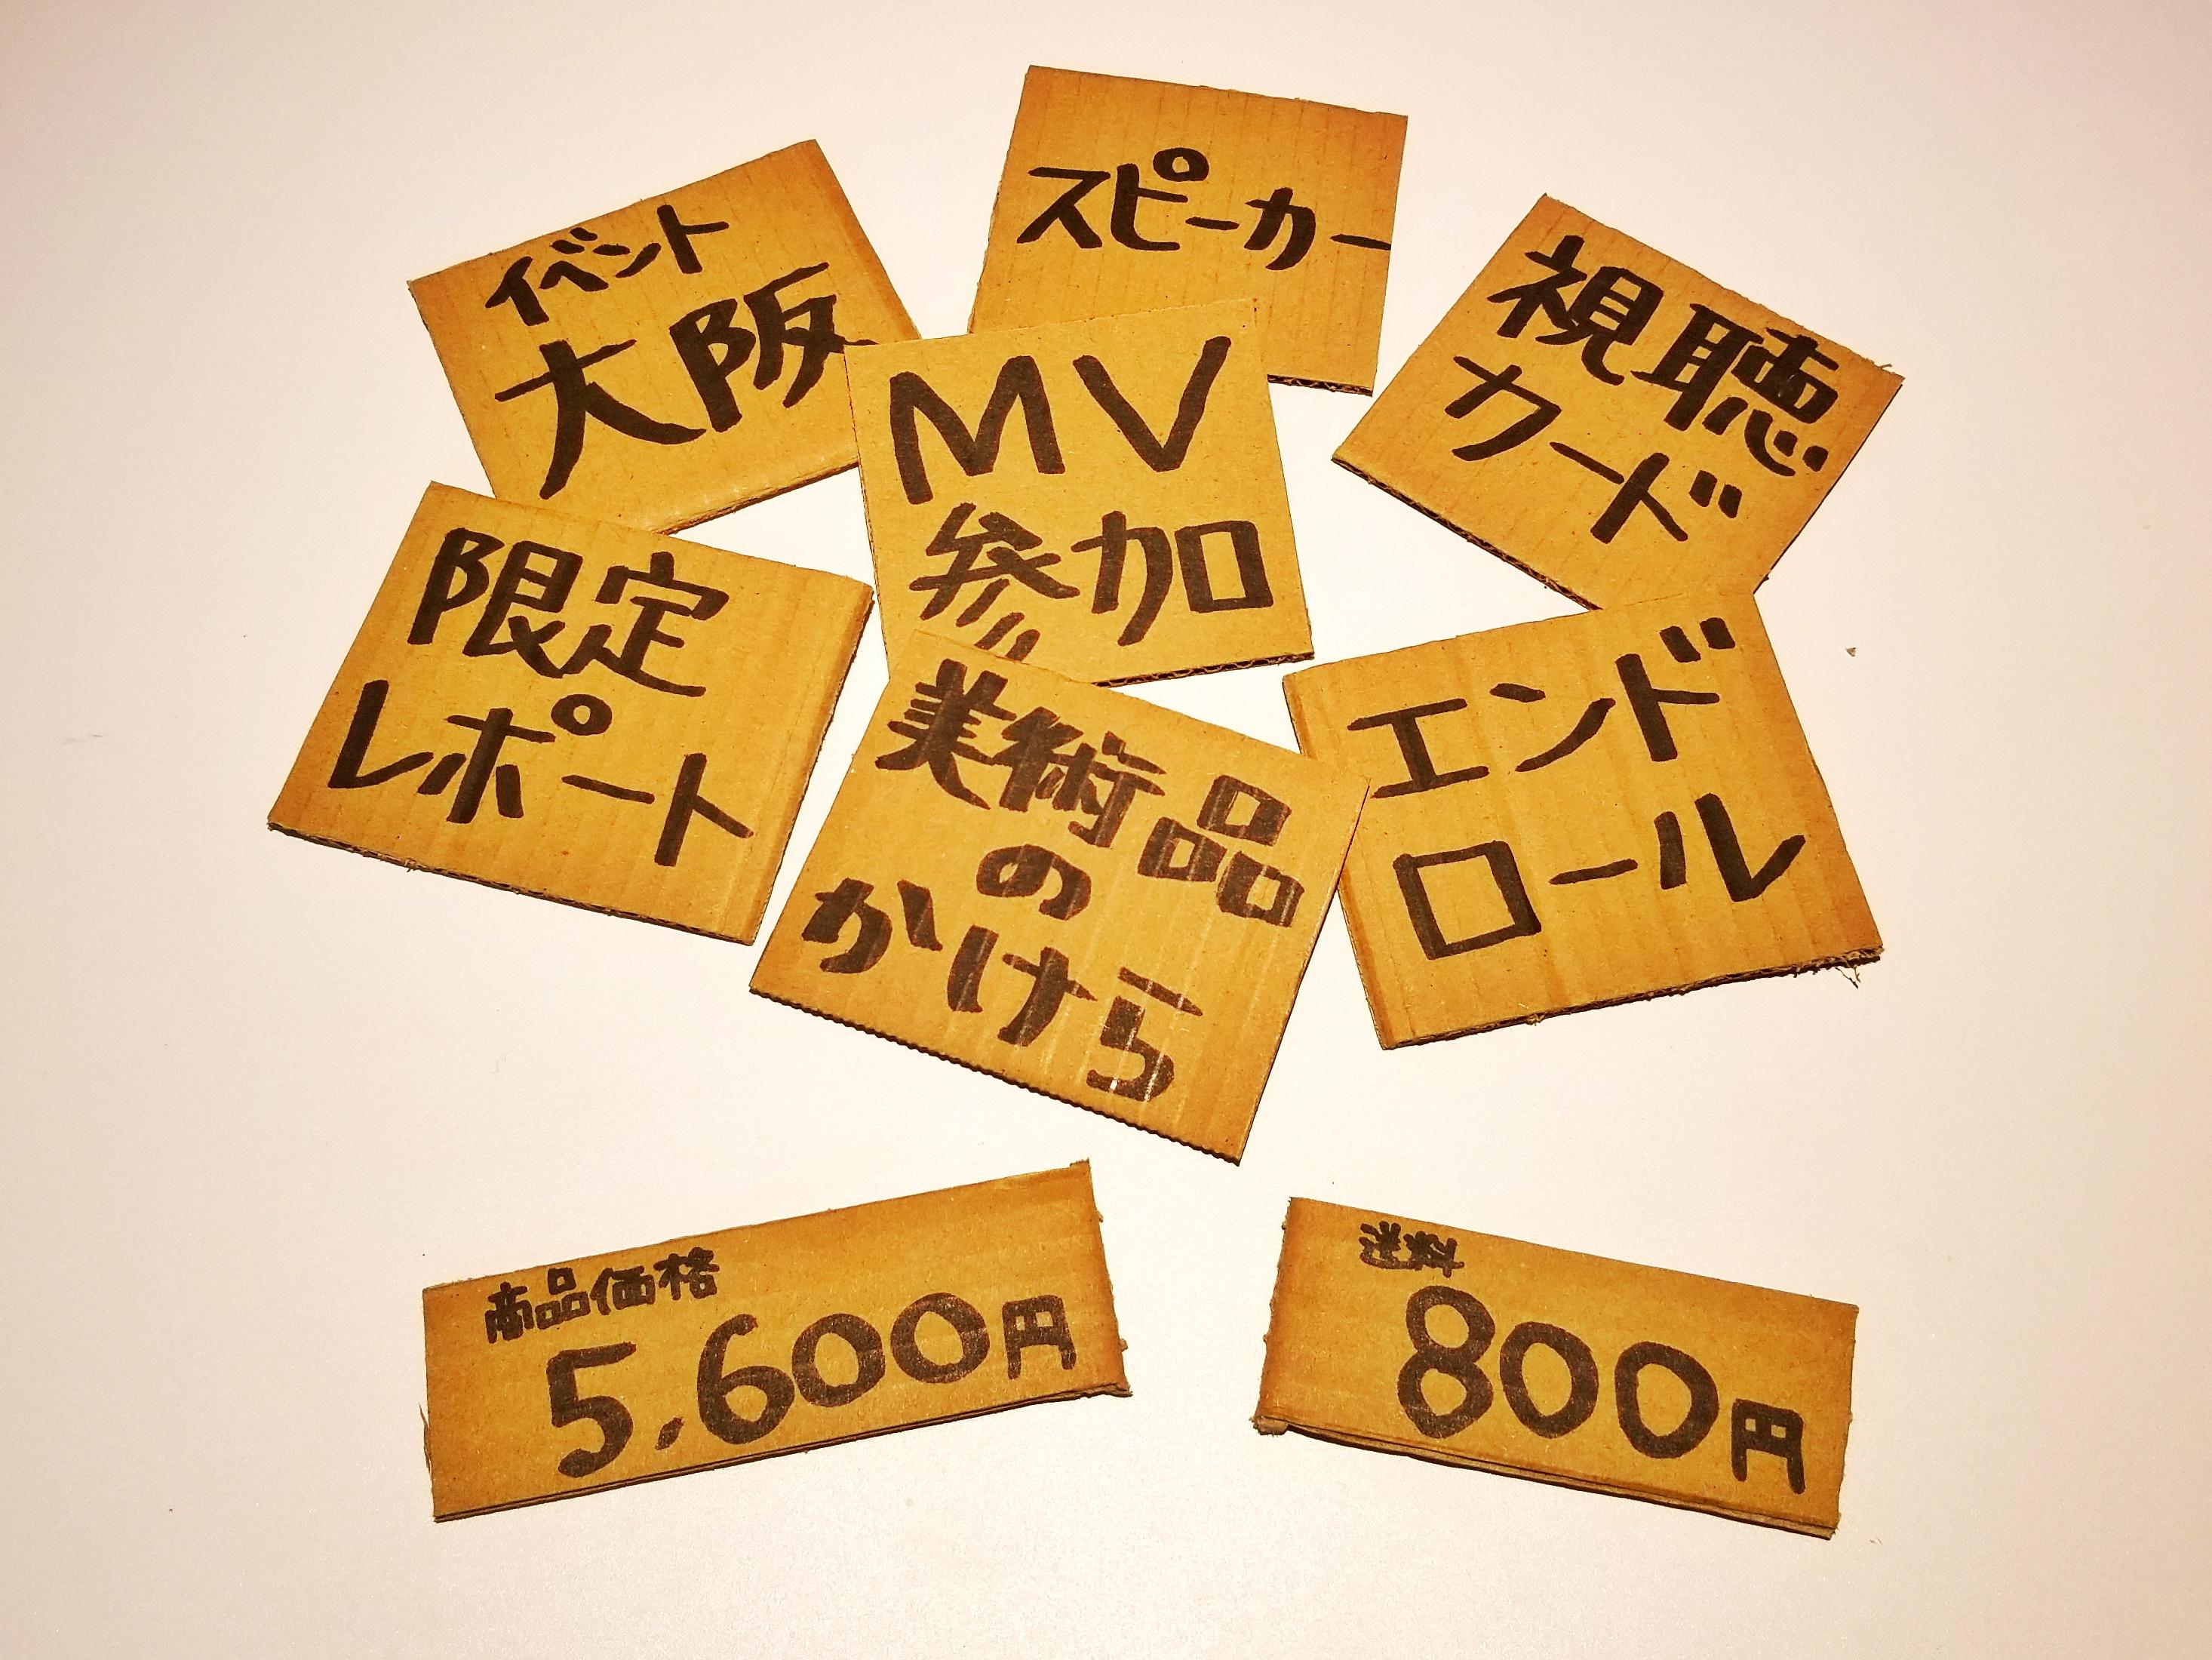 【11/20まで】四星球プレミアムイベント《大阪》付きMV参加プランの画像